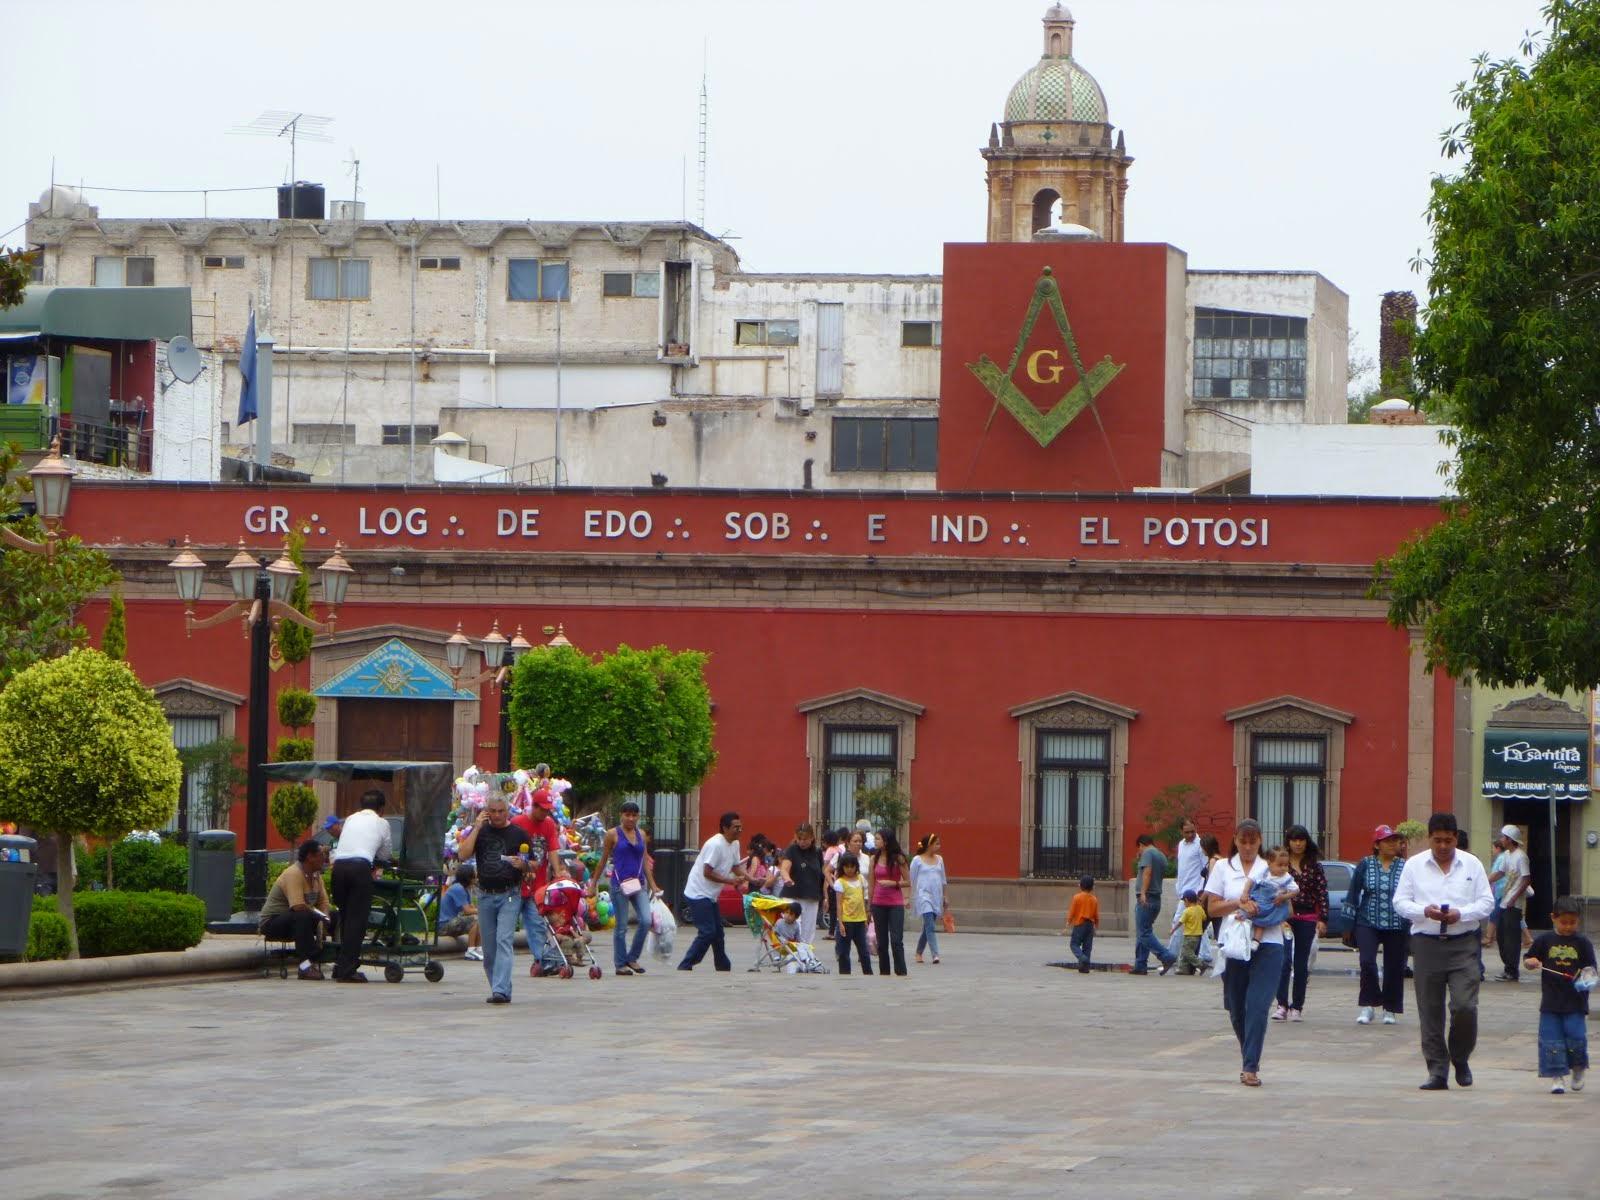 """Gr.·. Log.·. de Estado, Sob.·. e Ind.·. """"El Potosí"""""""